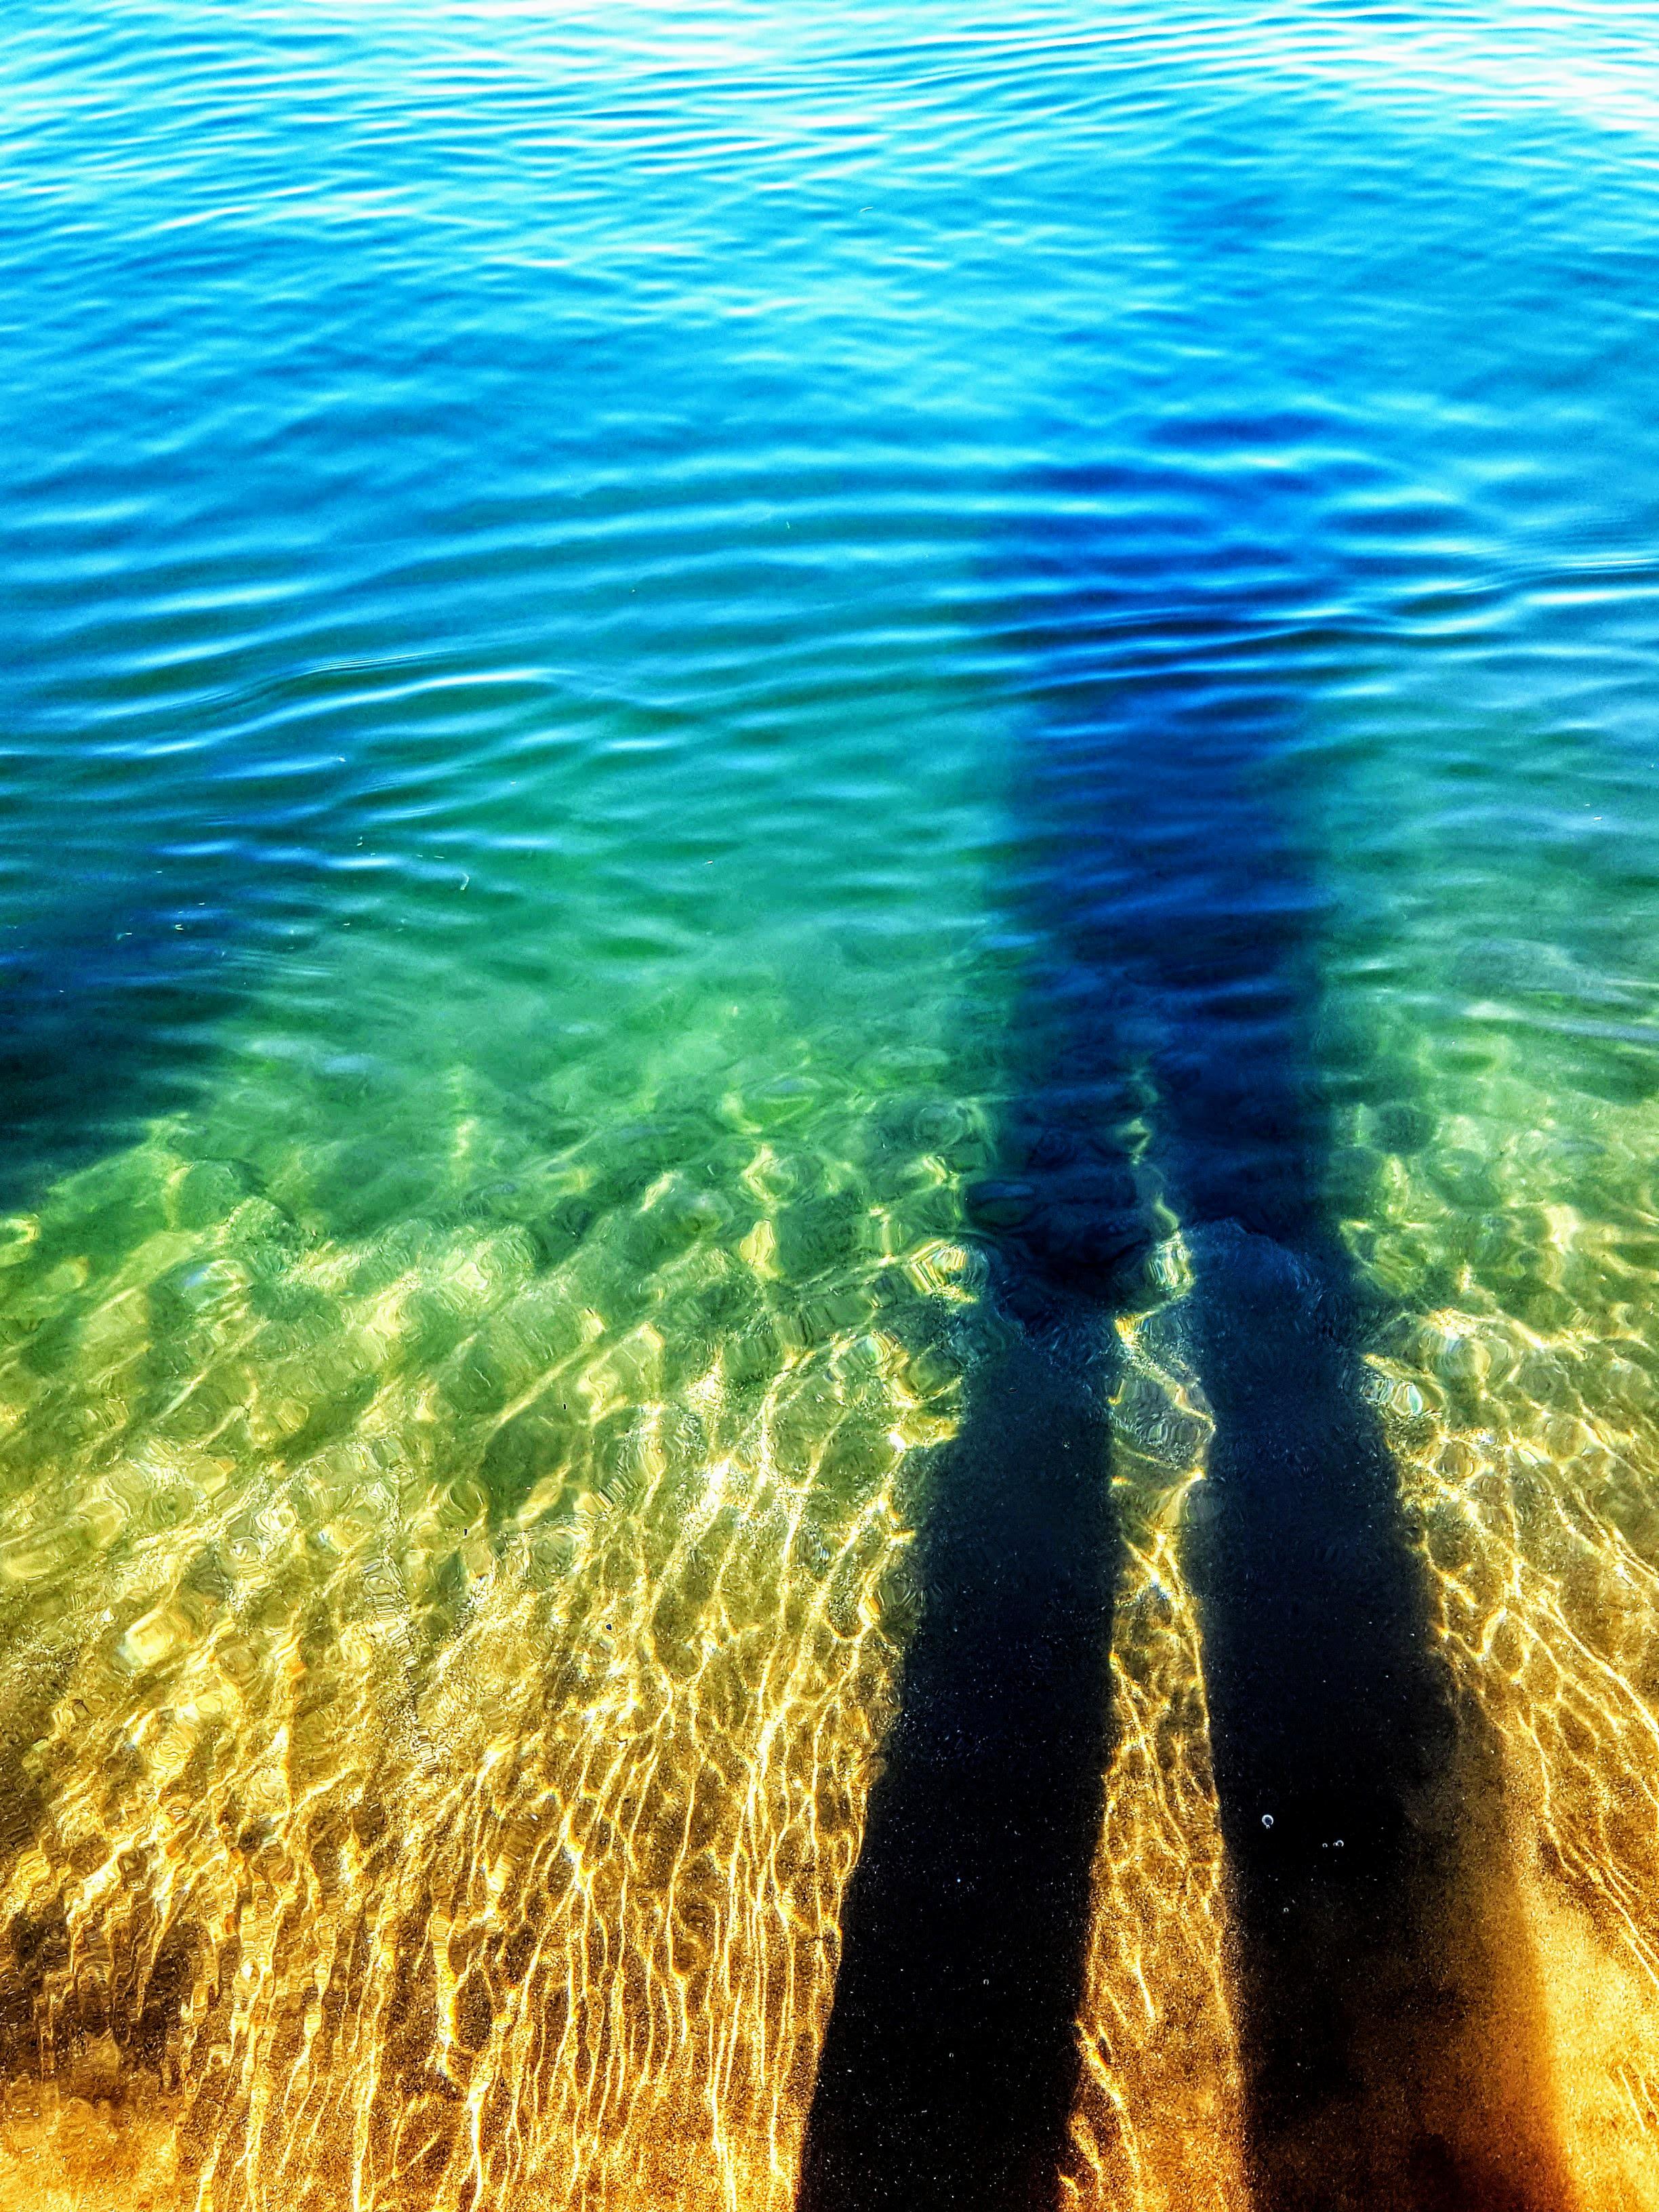 Selfie in water